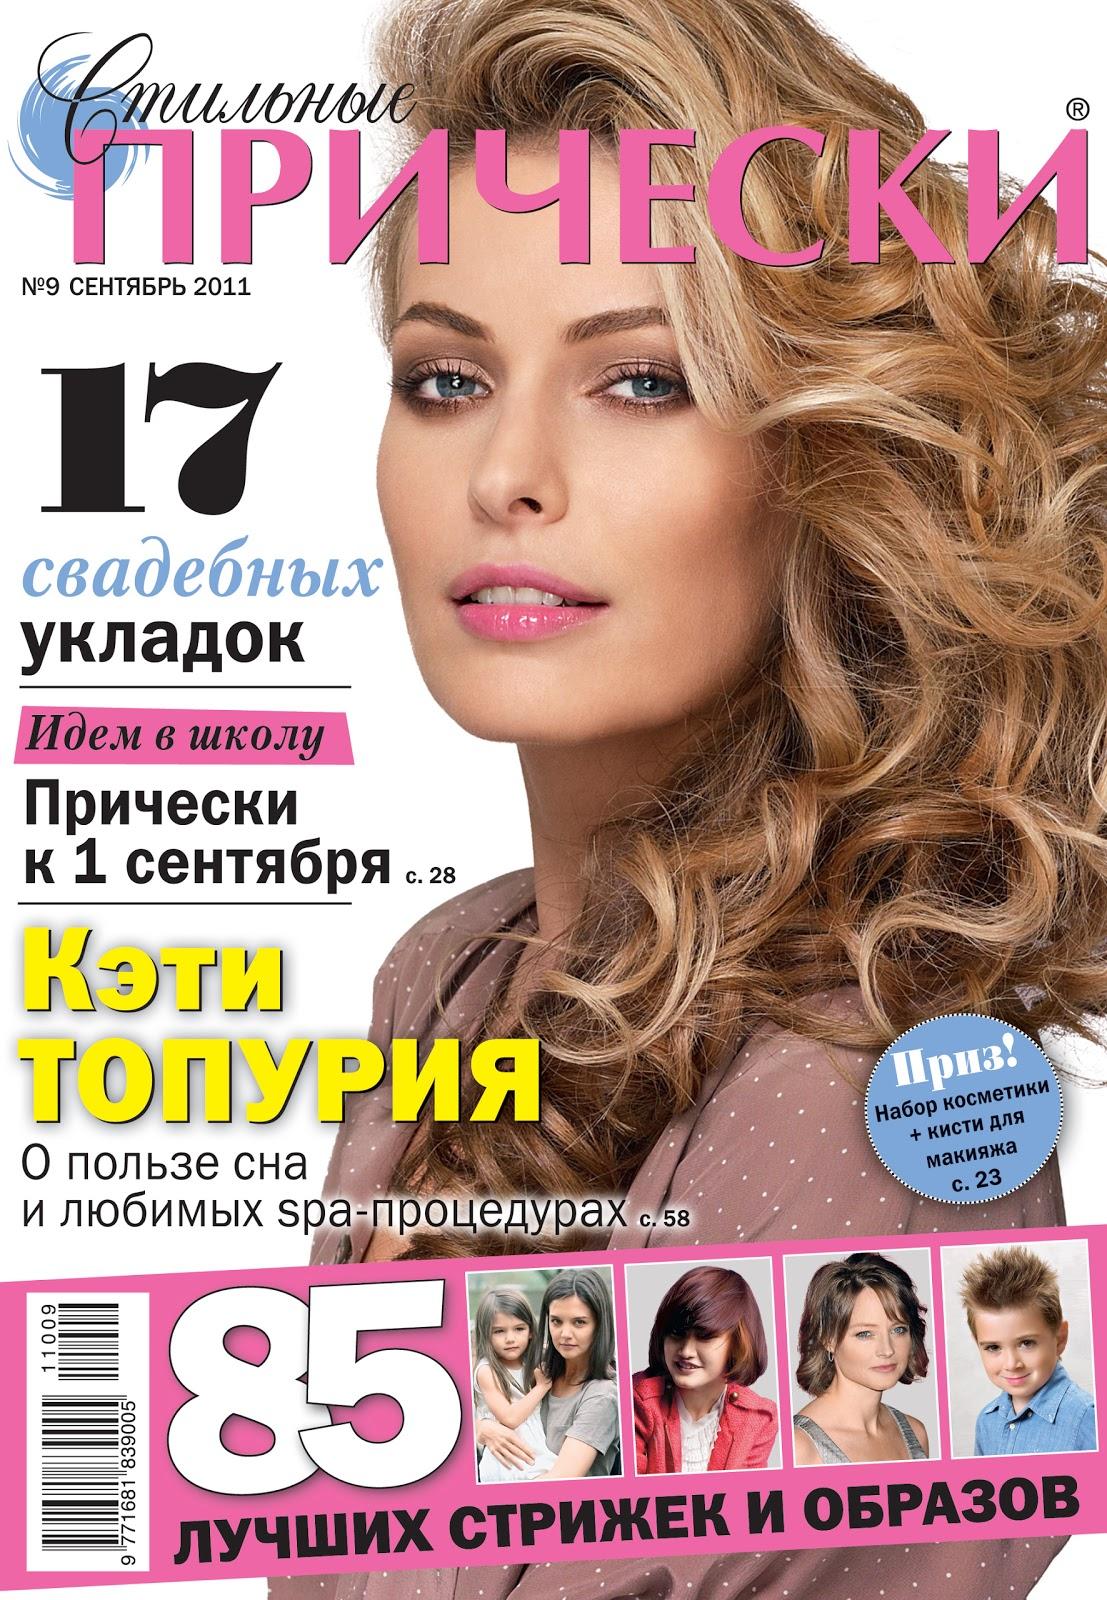 стрижки журнал 2013 для мальчиков подростков